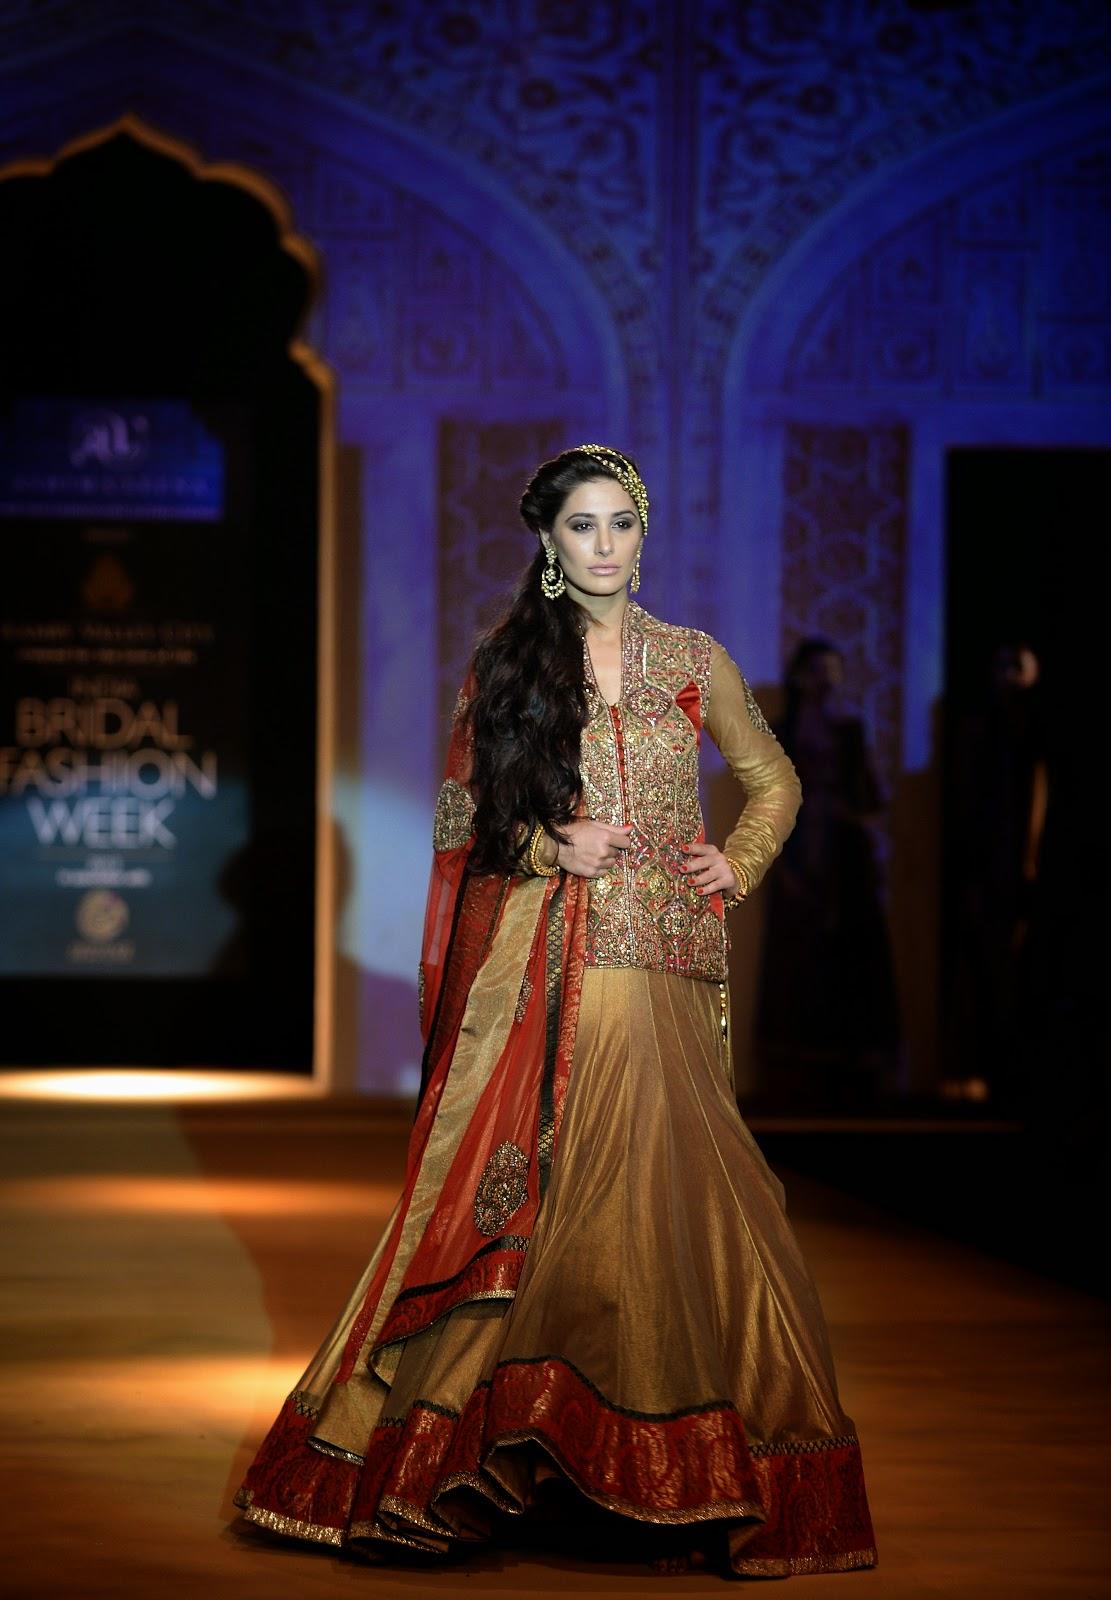 Fantastic HD Pictures of Nargis Fakhri   HD Wallpapers of Nargis Fakhri